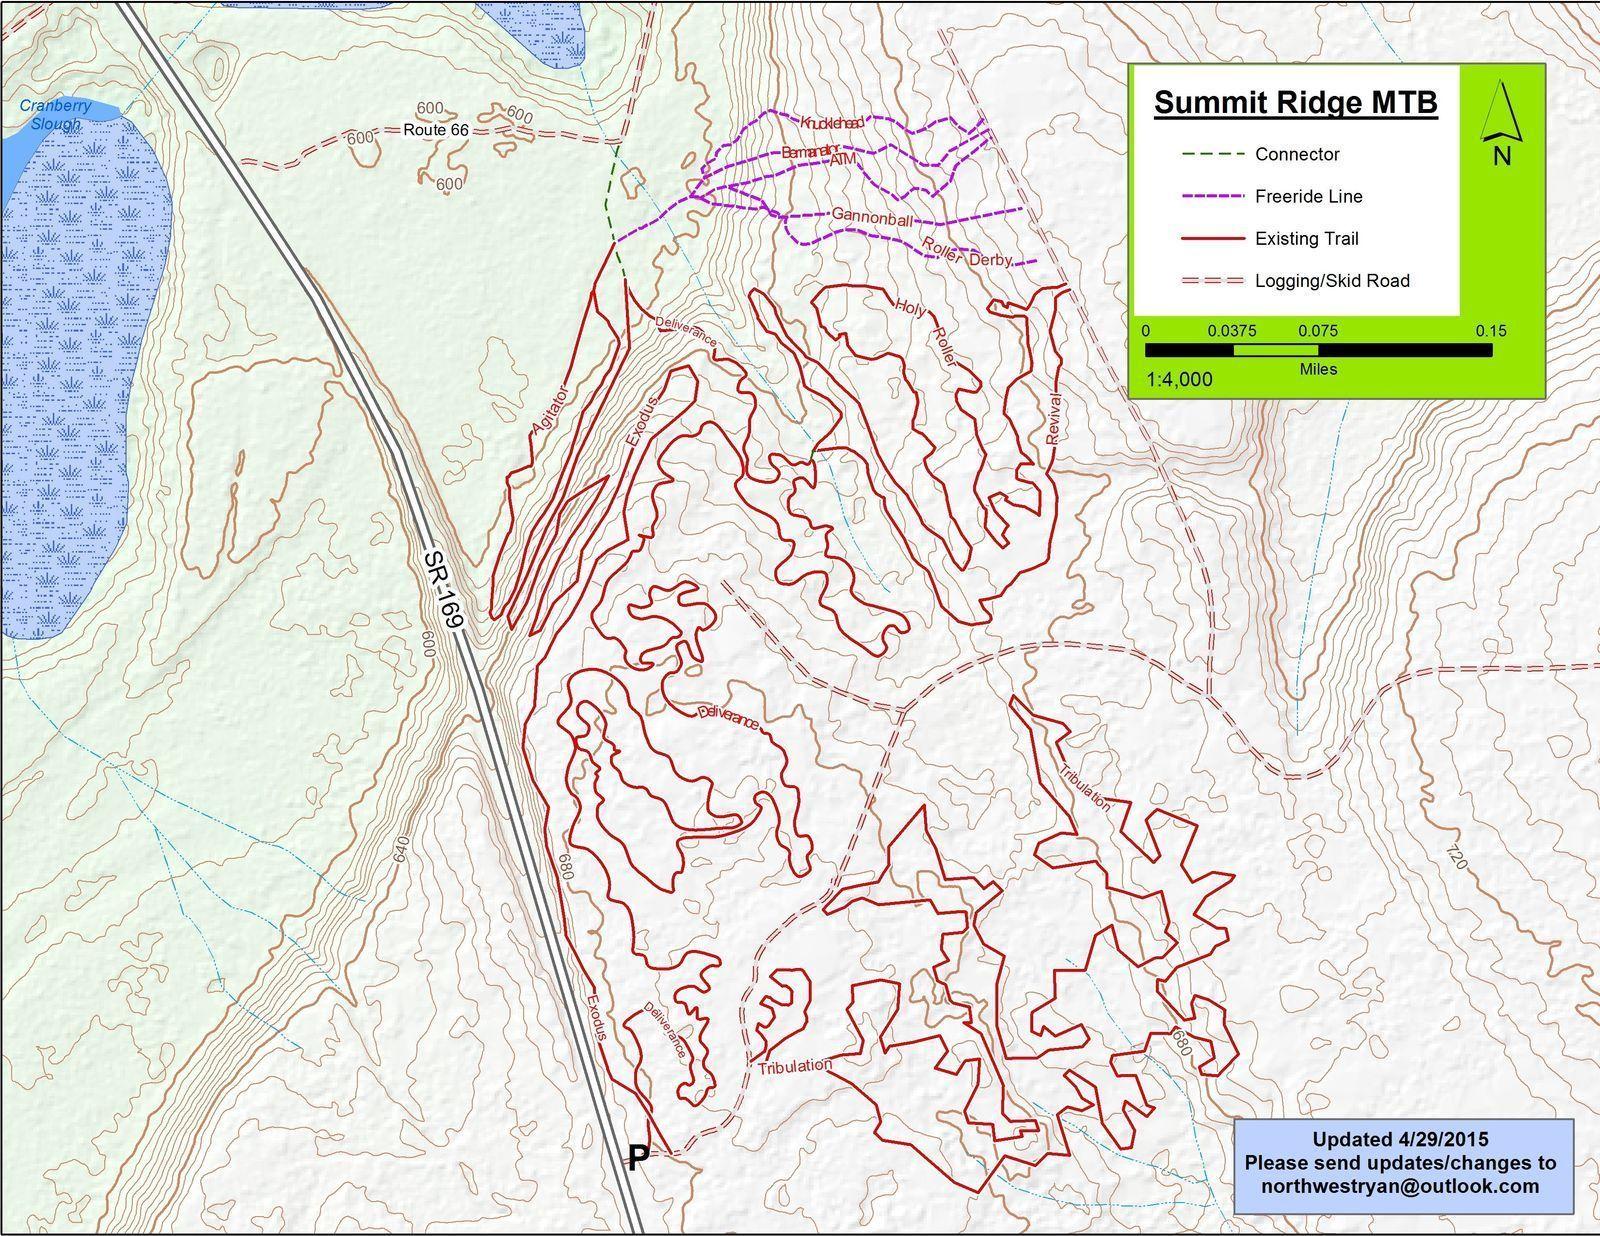 Summit Ridge on